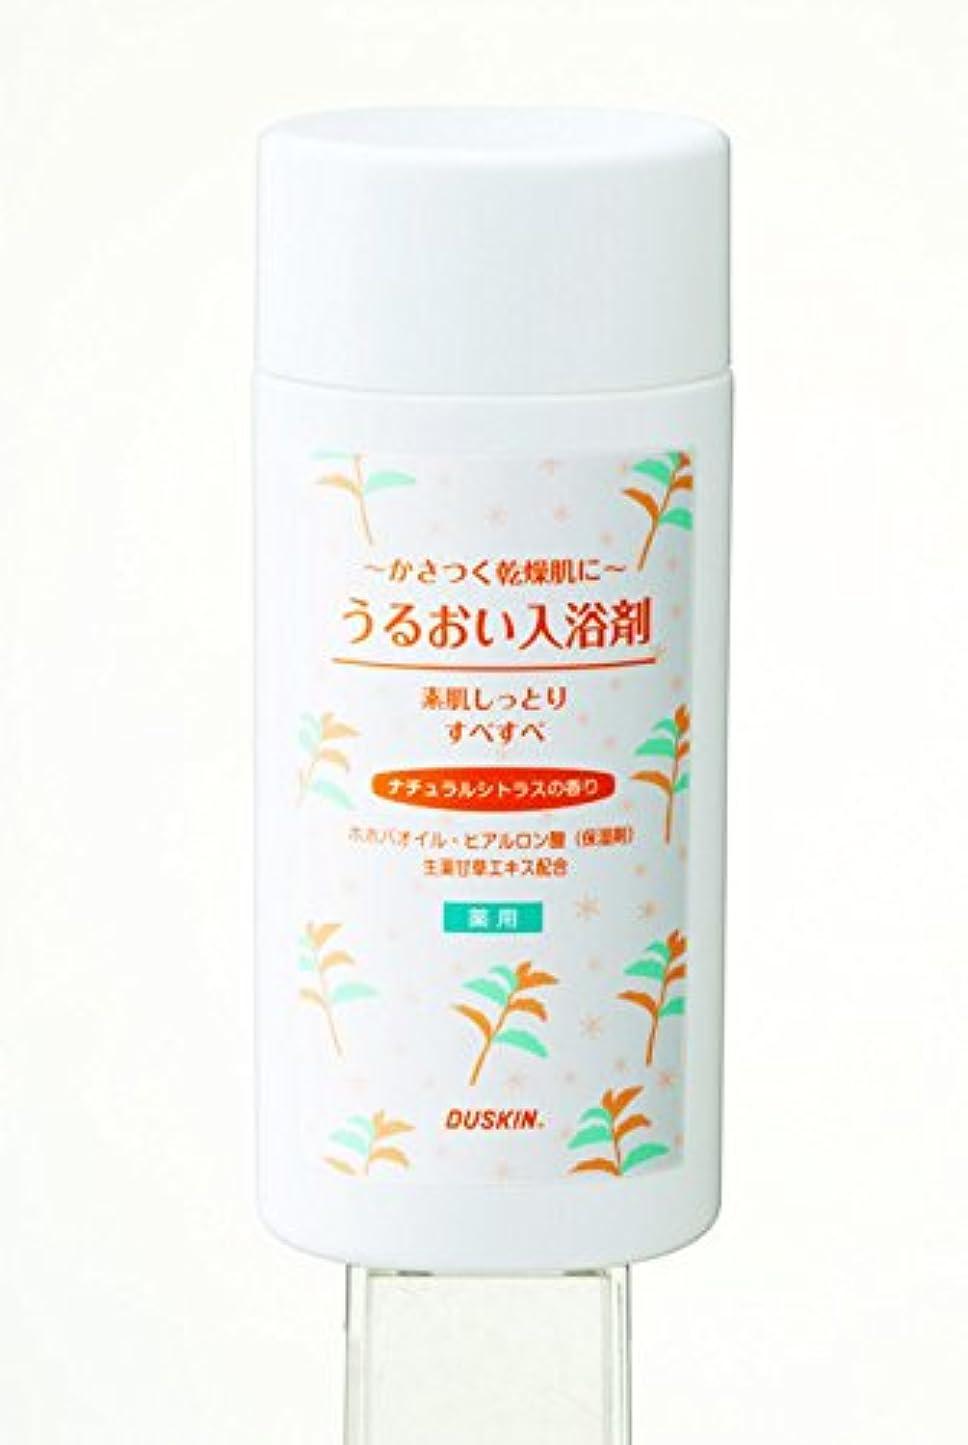 ダスキン うるおい入浴剤 ナチュラルシトラスの香り 濁り湯タイプ300g